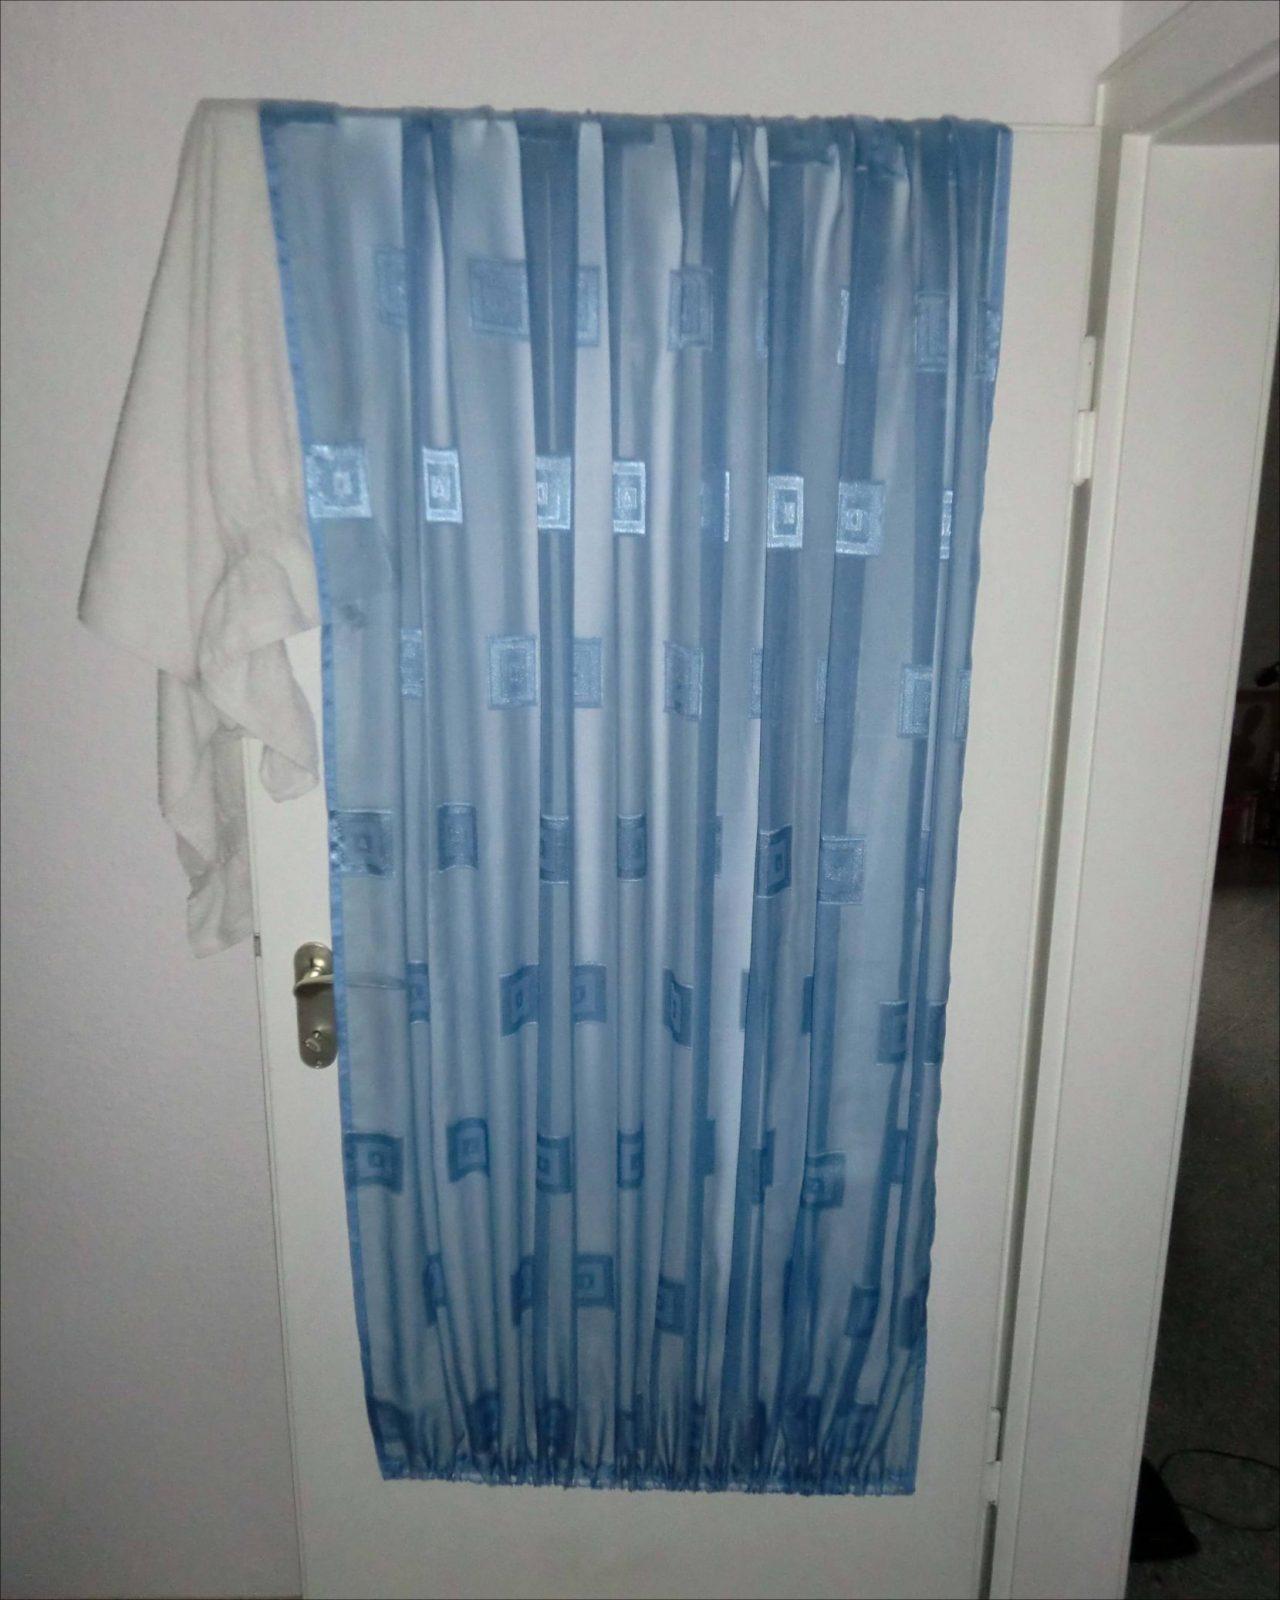 Vorhange 300 Cm Lang Latest Vorhnge Cm Lang Simple Richelieu Cm X von Gardinen 300 Cm Lang Photo